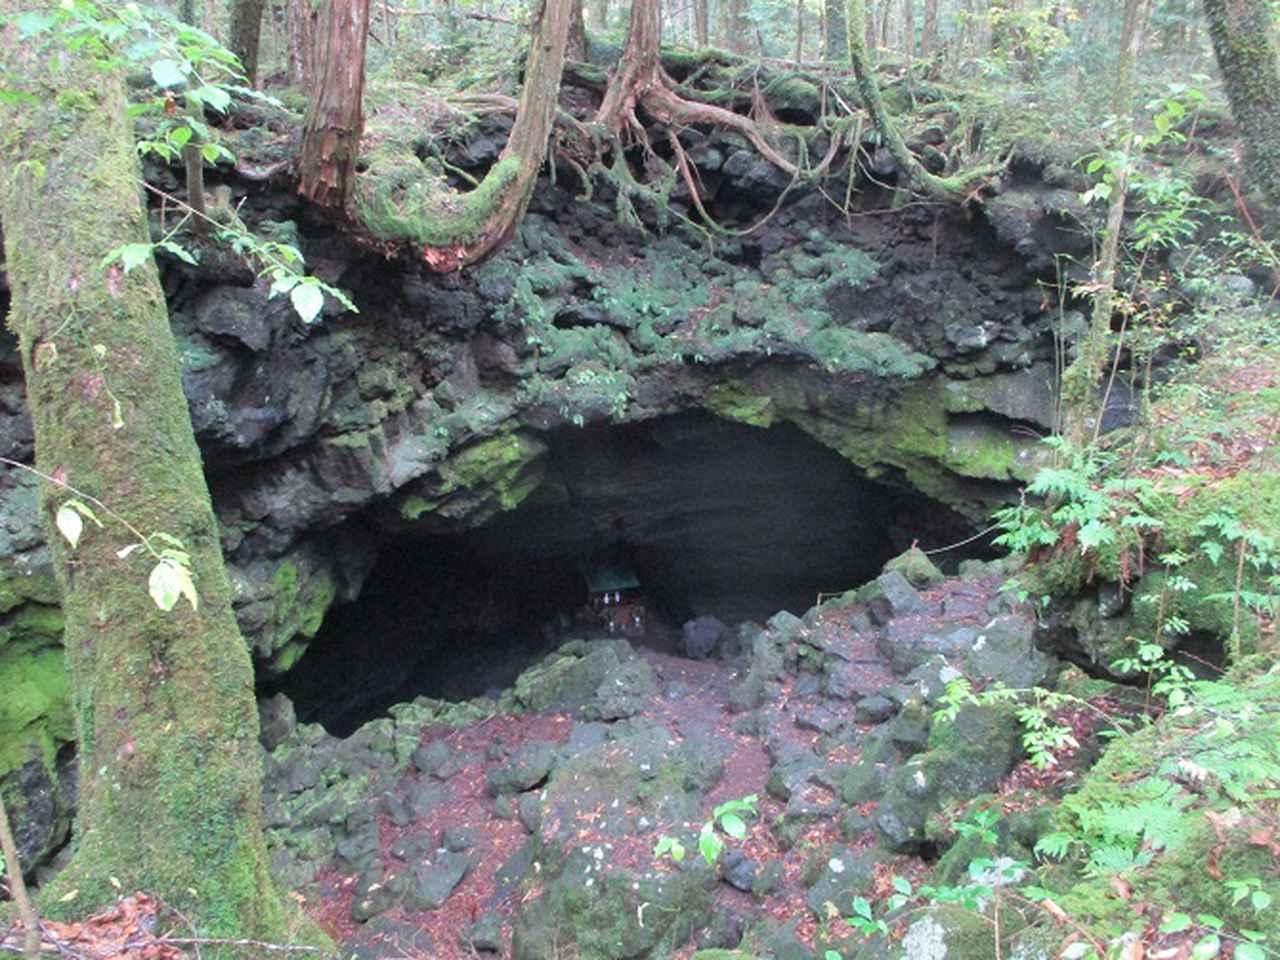 画像6: 11月の山旅会 青木ヶ原樹海と三湖台 ツアーの下見に行ってきました!